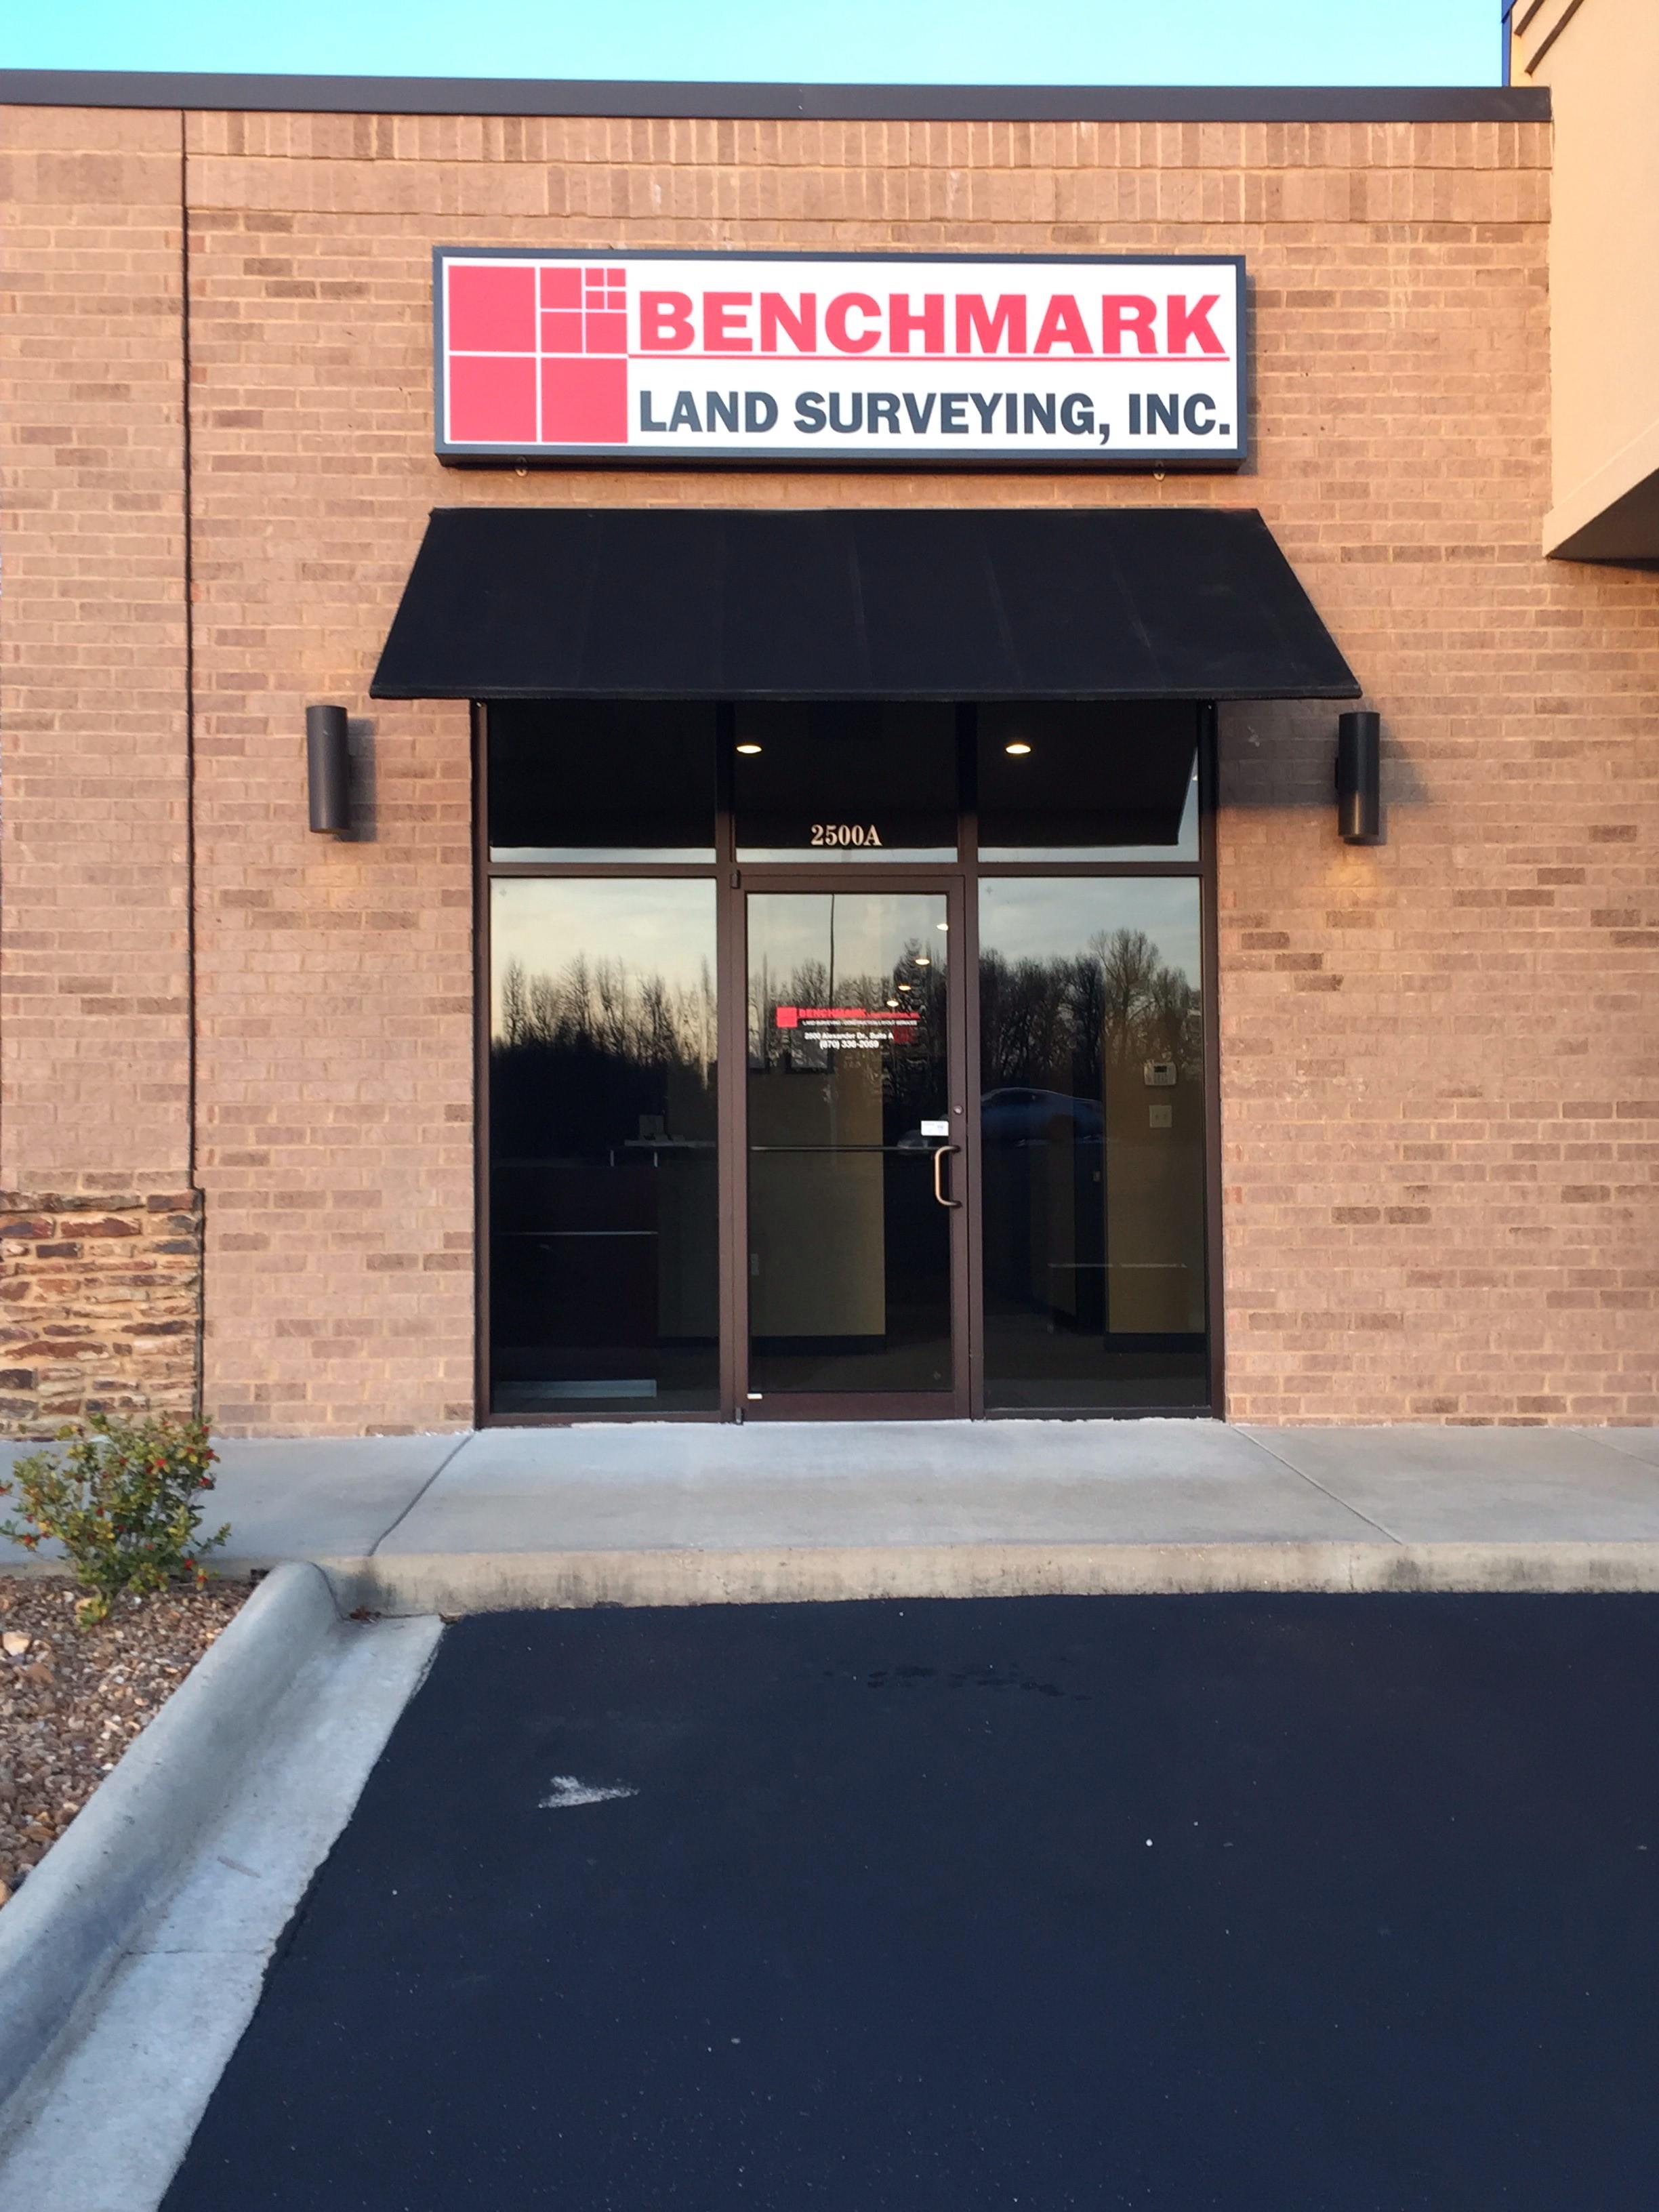 Benchmark Land Surveying Inc. image 0